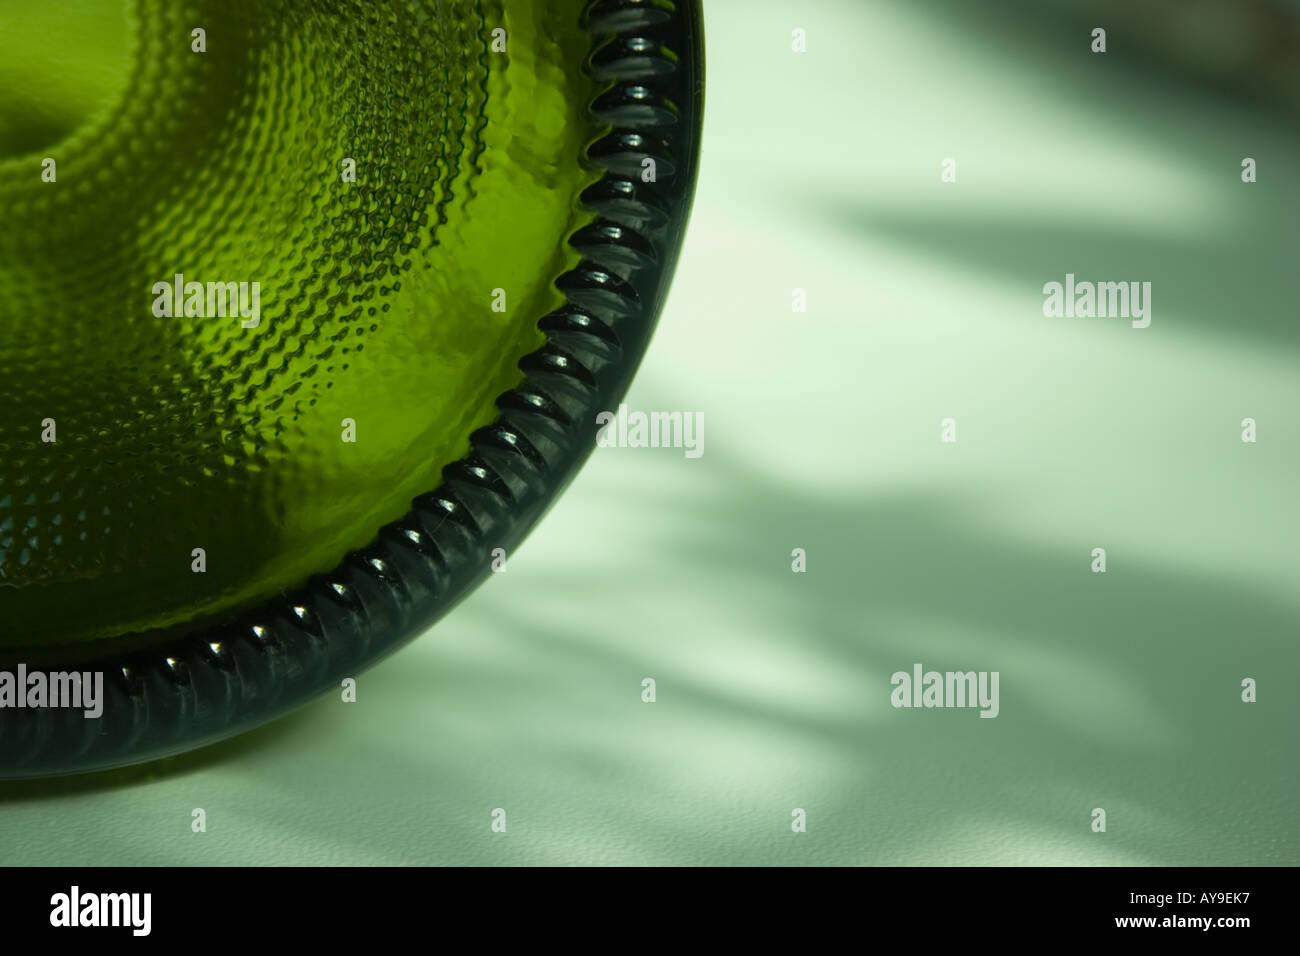 Cerca de la parte inferior de una botella de vino verde Imagen De Stock